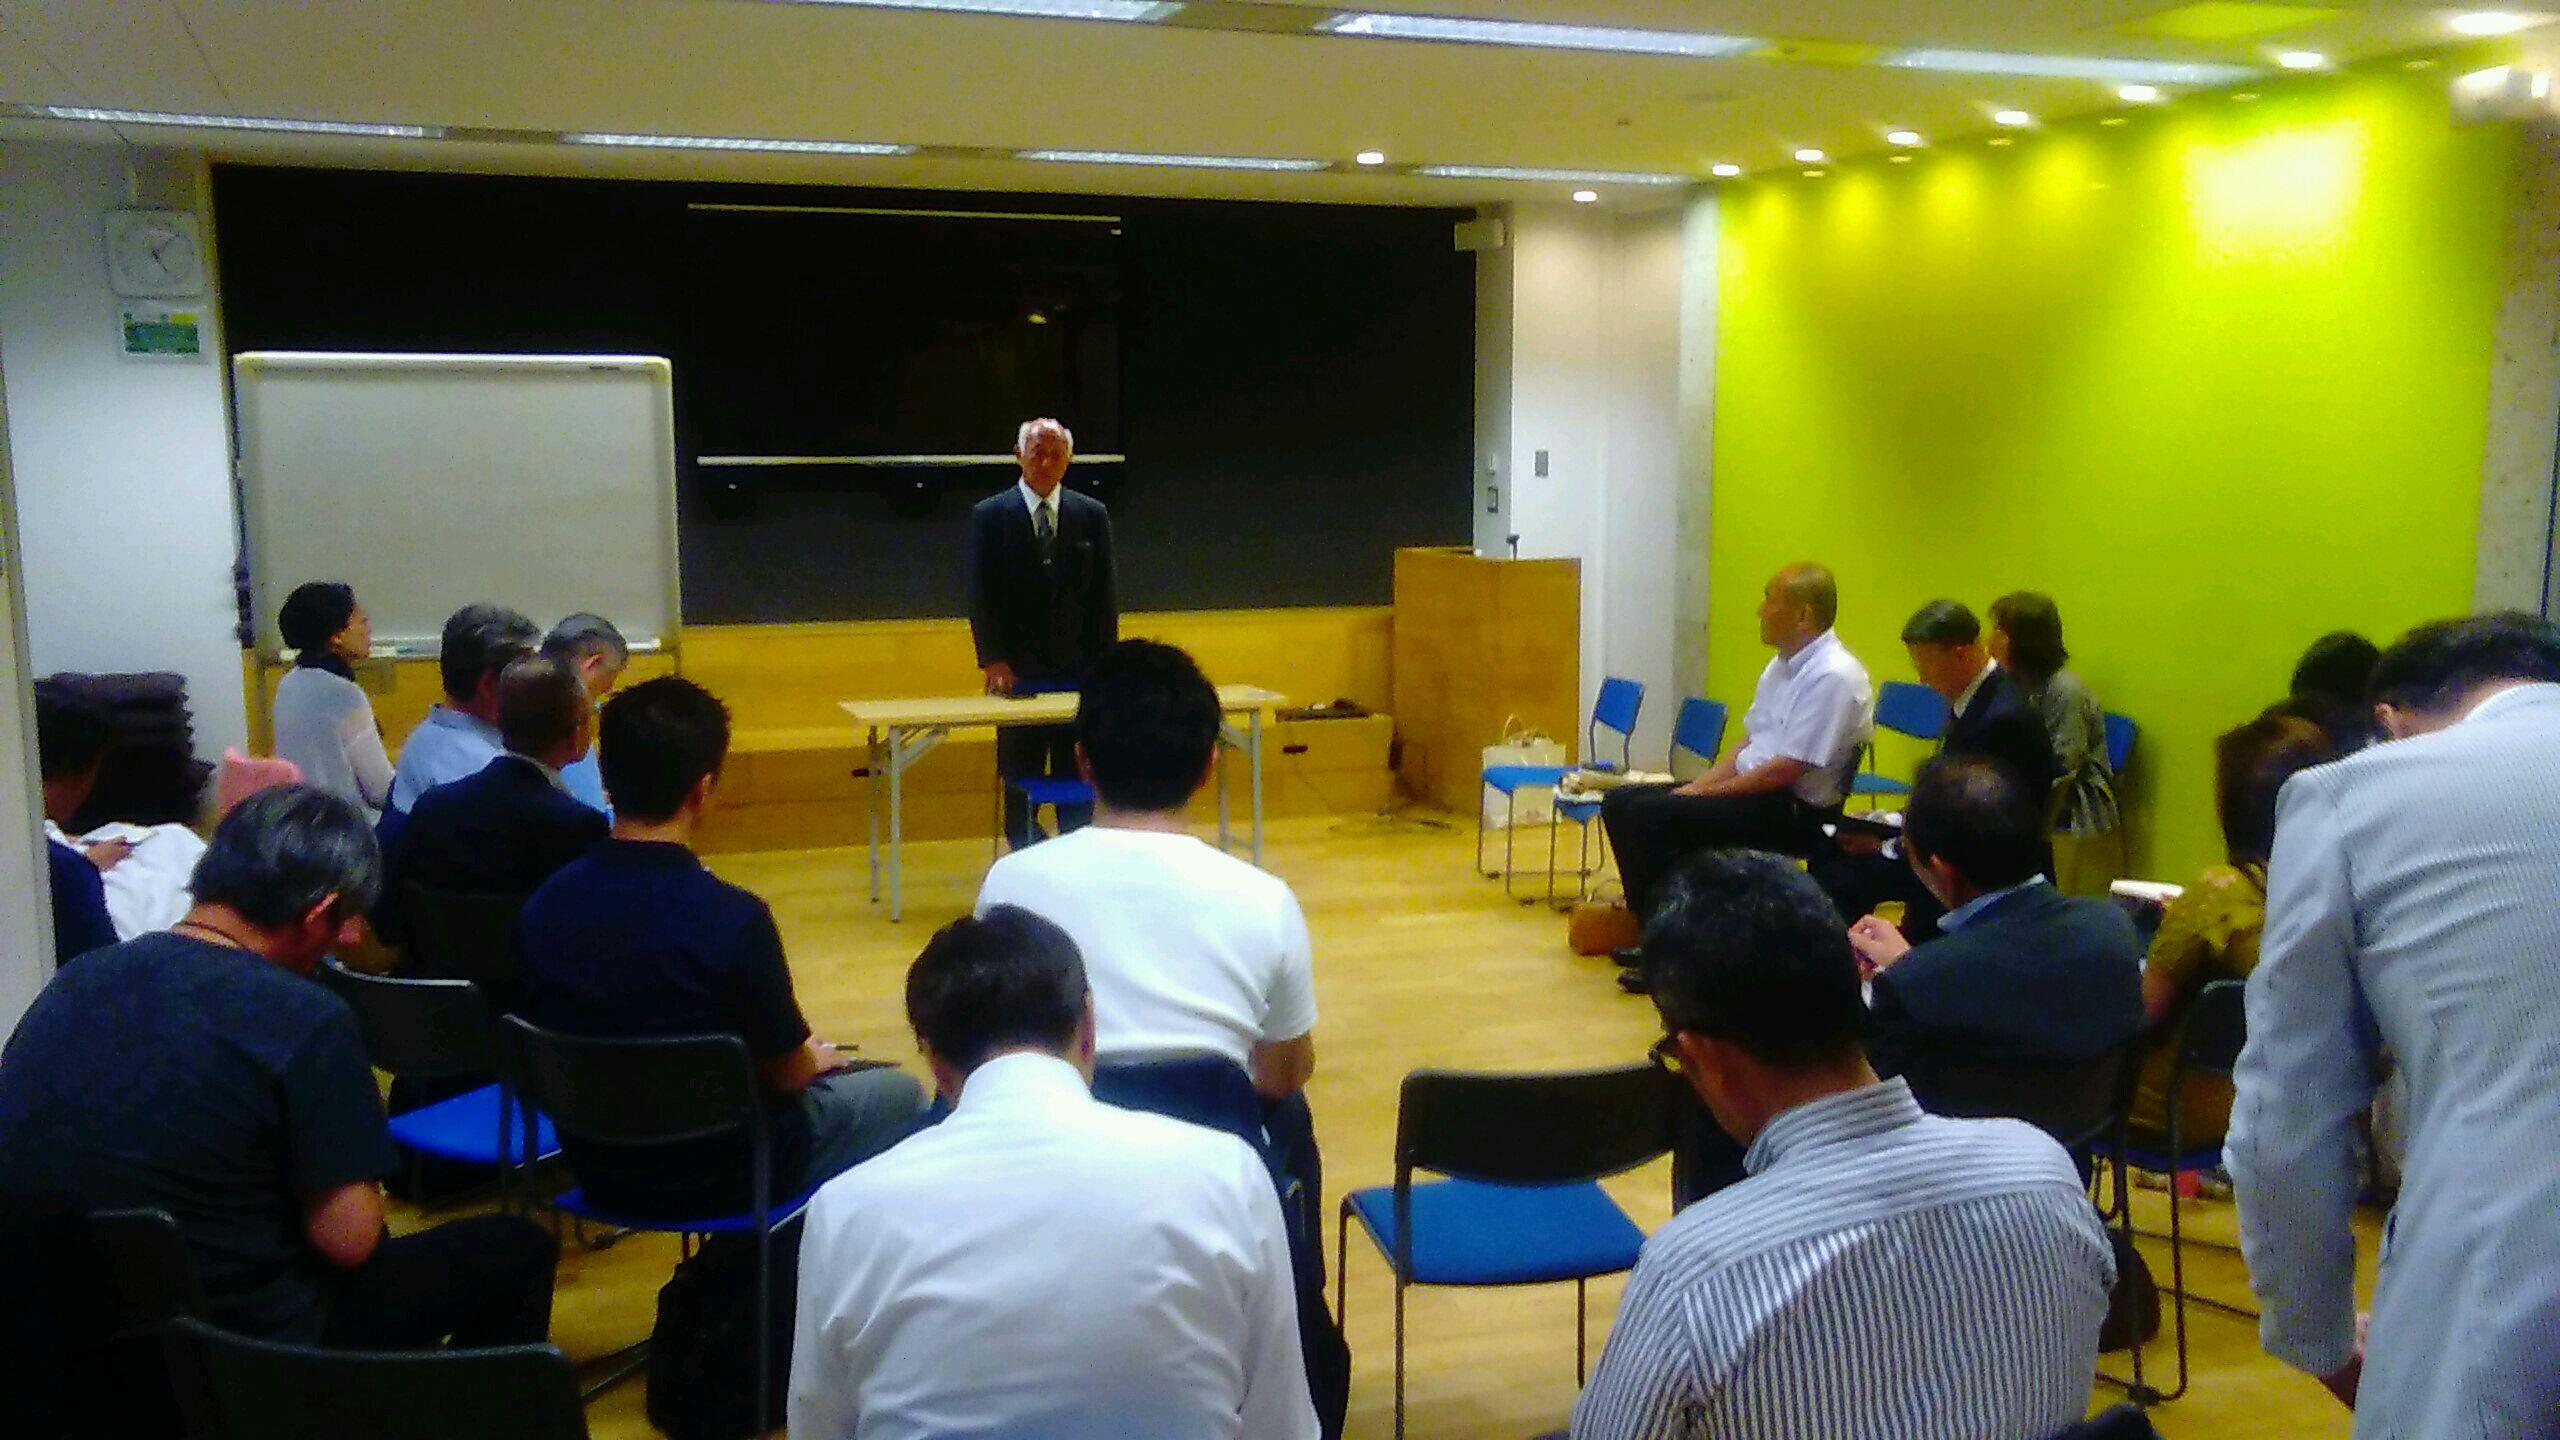 179836 - 第5回東京思風塾「使命を見つけ出すための6つの問いとは」をテーマに開催しました。